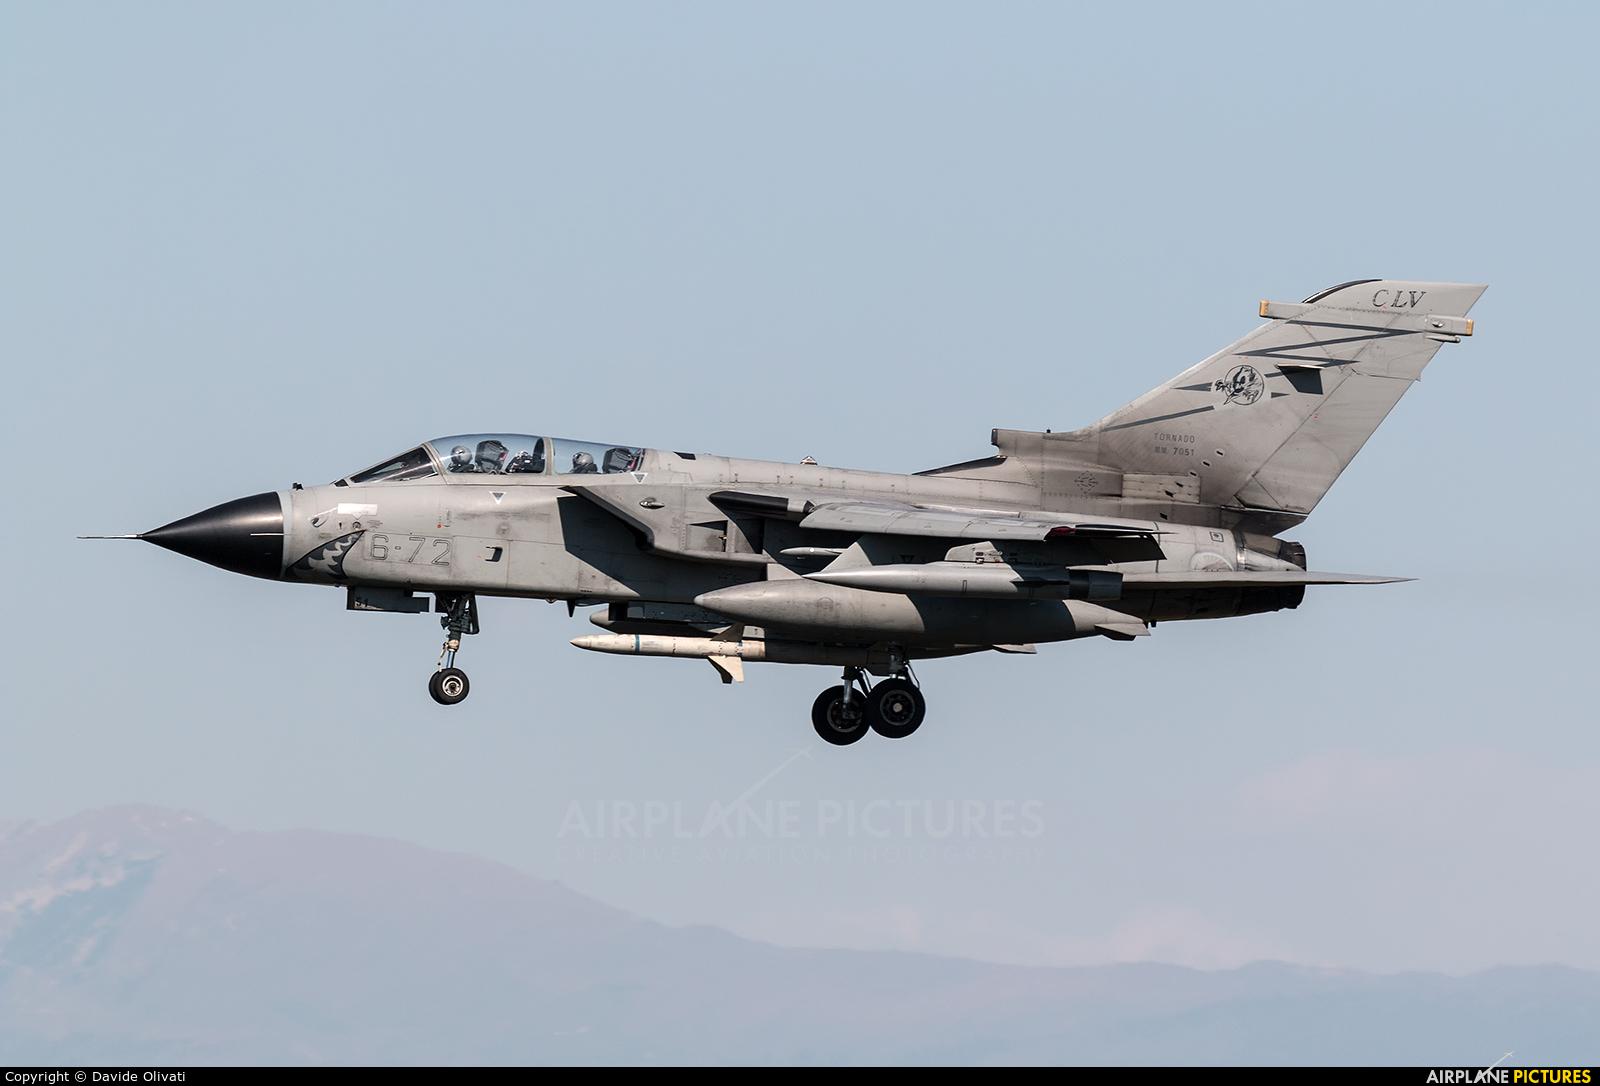 Italy - Air Force MM7051 aircraft at Ghedi